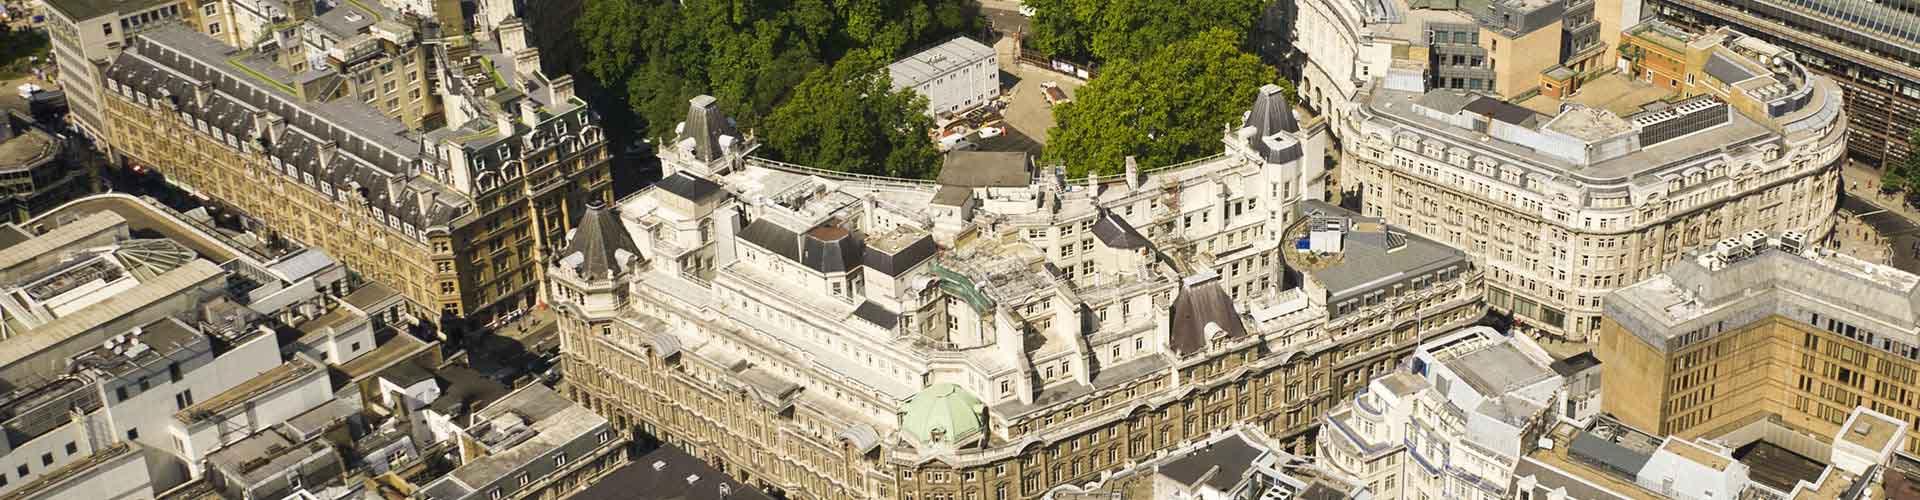 Londres - Albergues Juveniles en el distrito Finsbury . Mapas de Londres, Fotos y Comentarios para cada Albergue Juvenil en Londres.